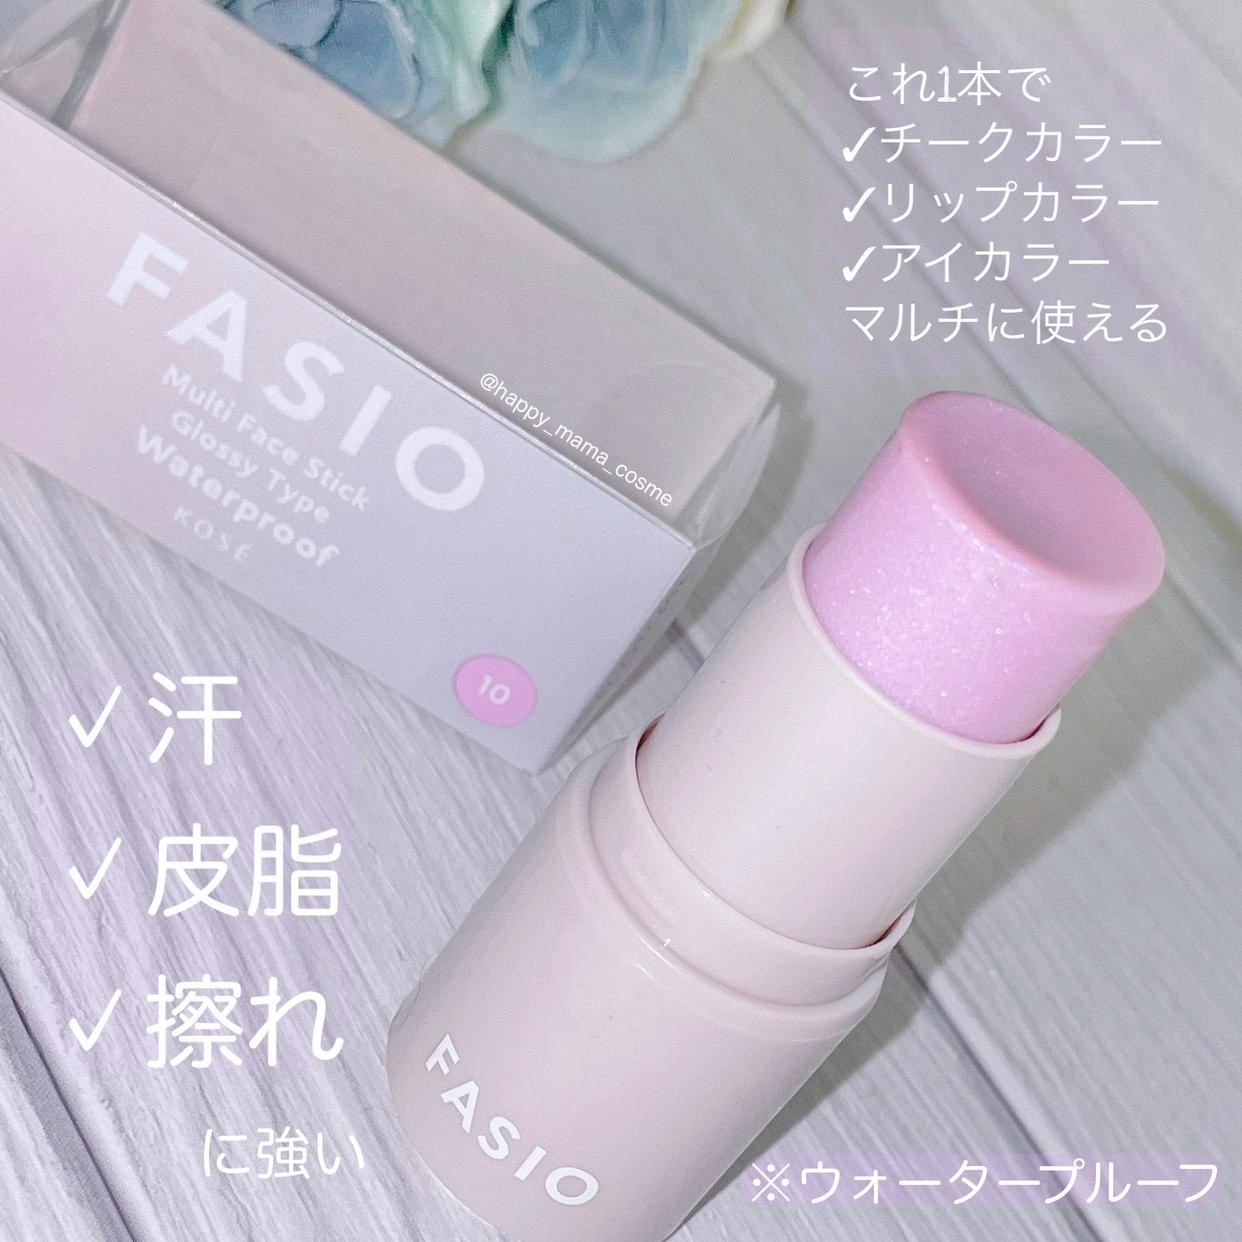 FASIO(ファシオ) マルチ フェイス スティックを使ったSachiさんのクチコミ画像2